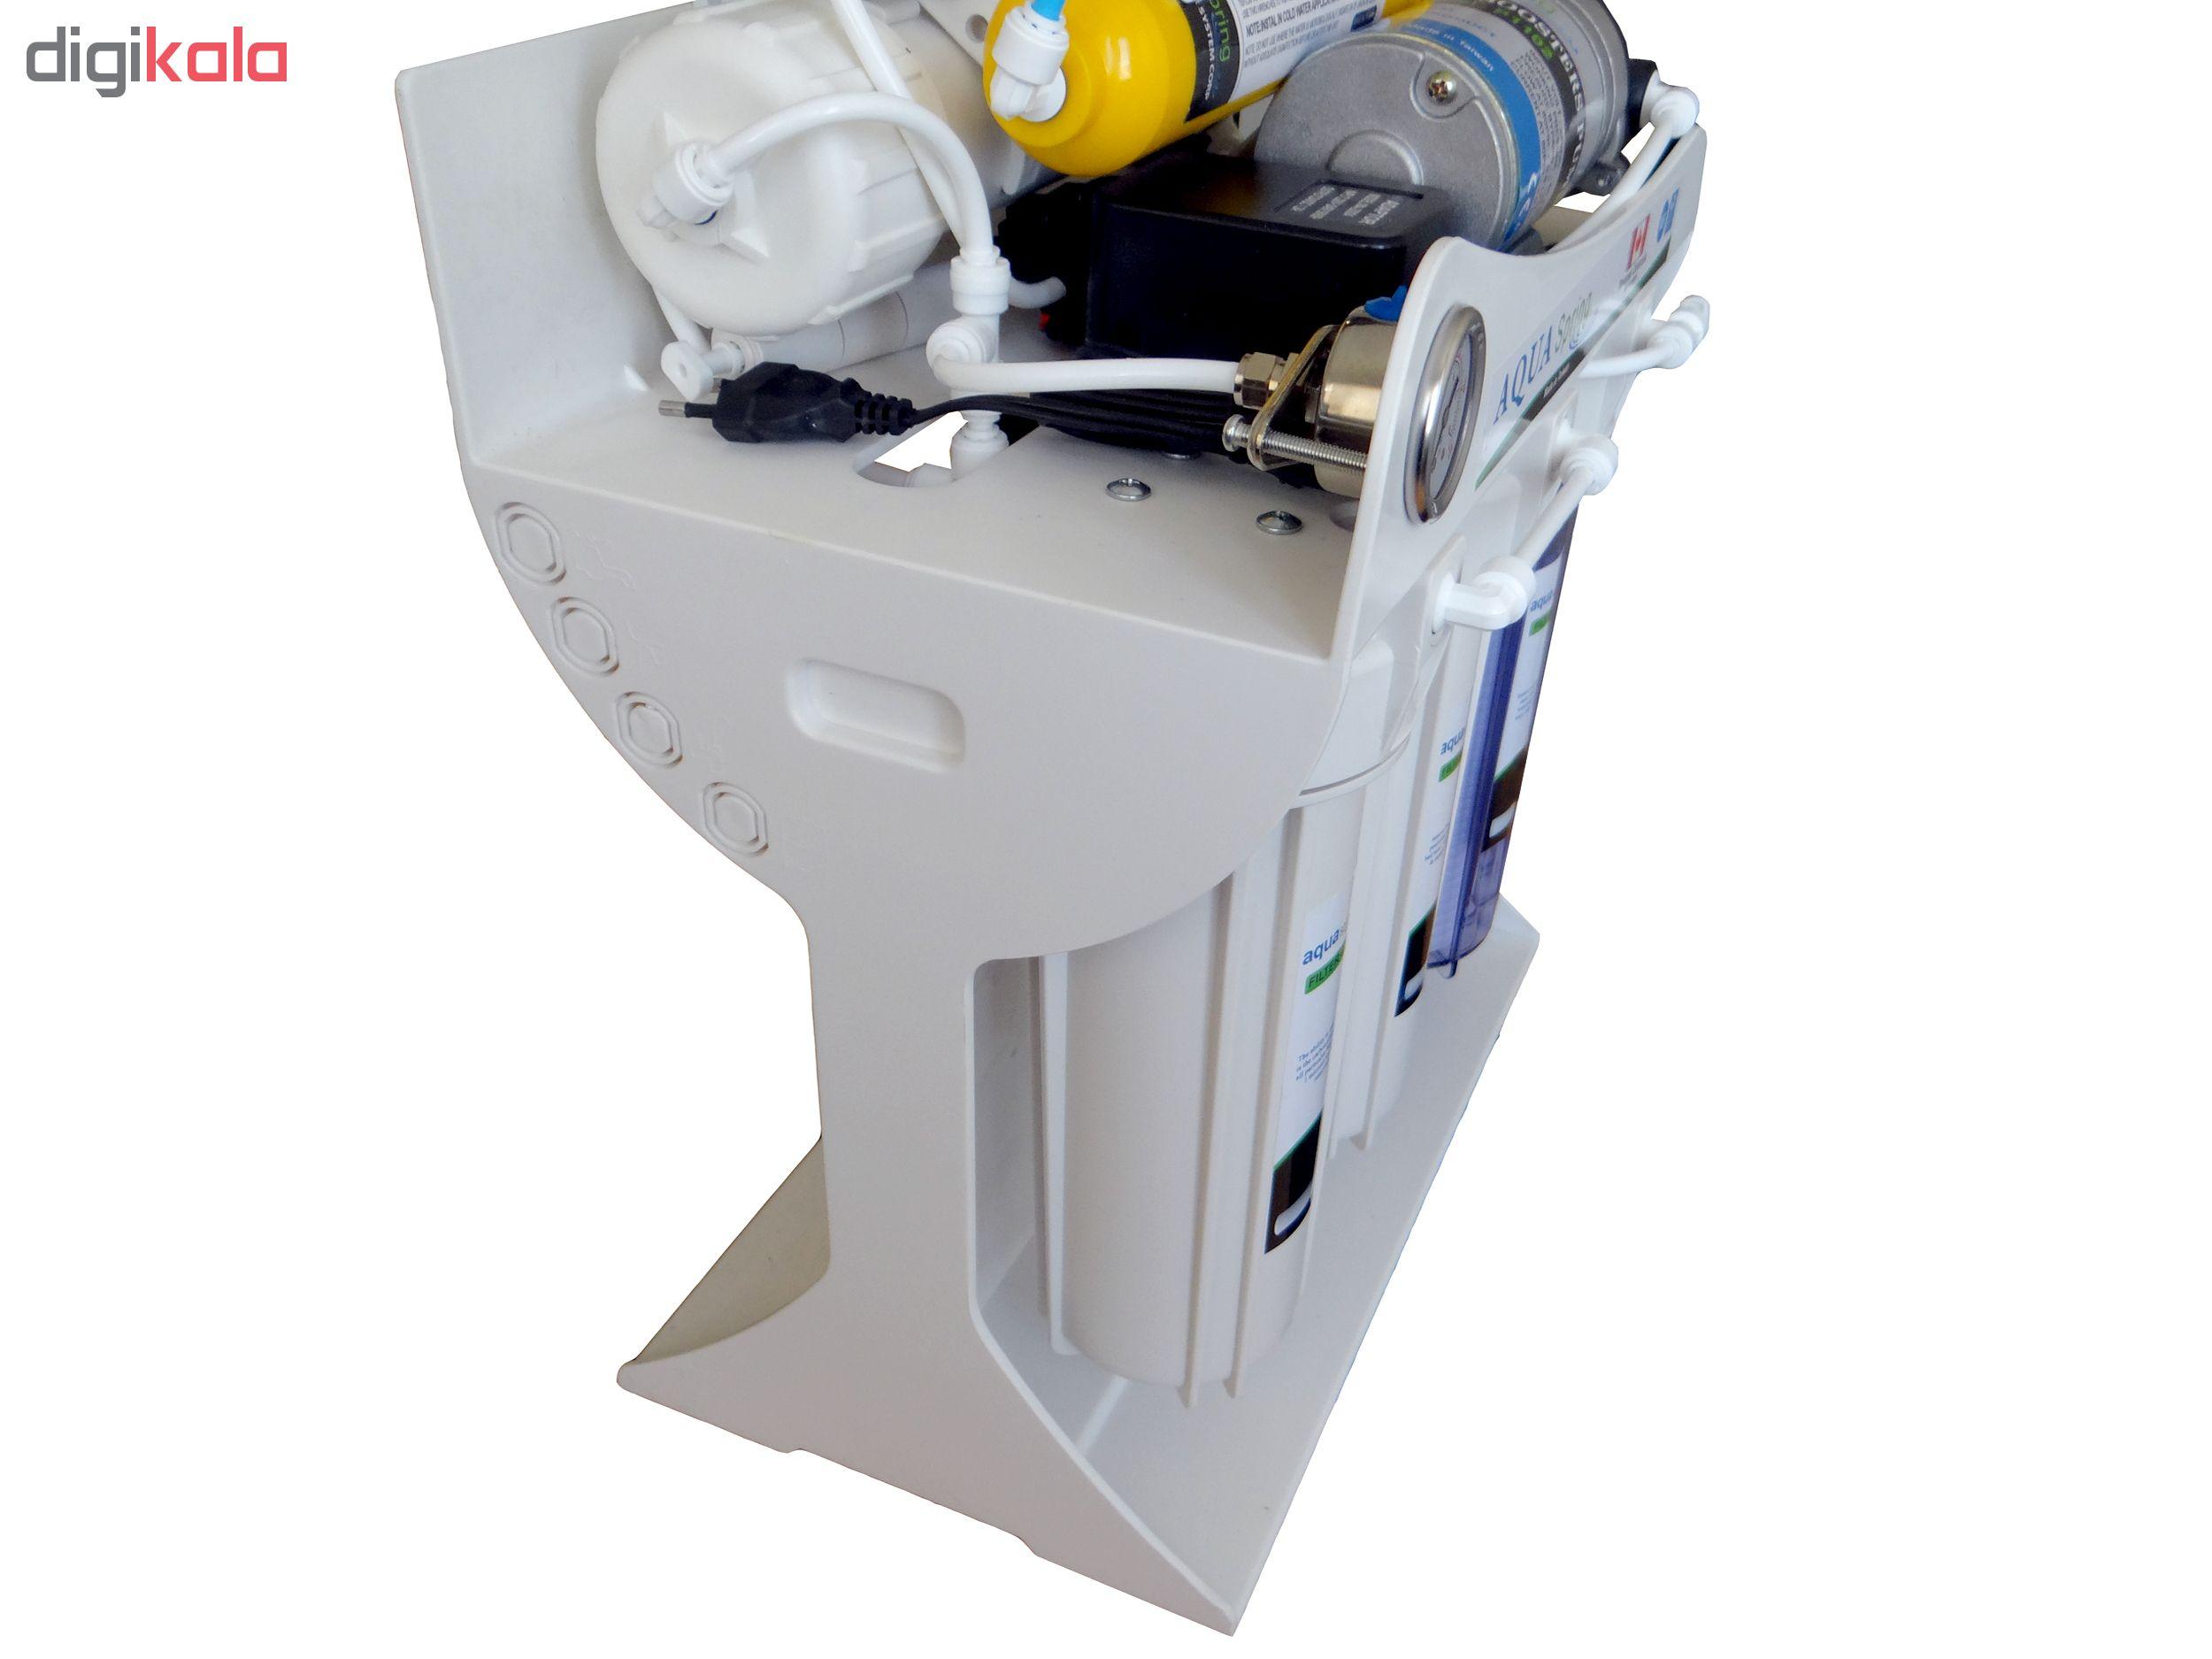 دستگاه دو گانه تصفیه آب آکوآ اسپرینگ مدل UF-SF3200